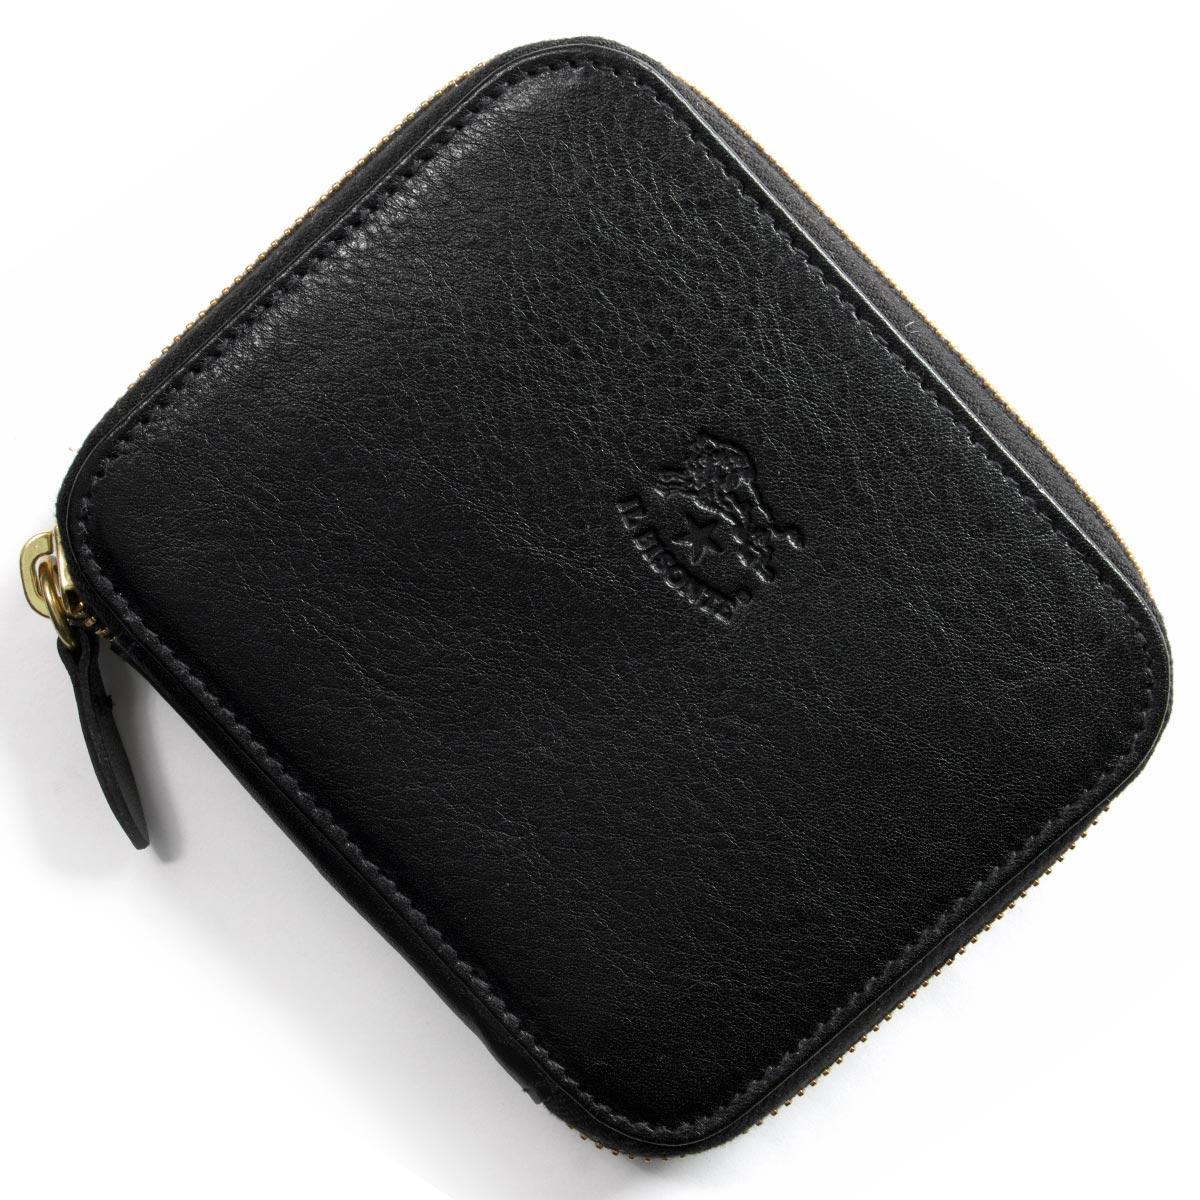 イルビゾンテ 二つ折り財布 財布 メンズ レディース スタンダード ブラック C1006 P 153 IL BISONTE